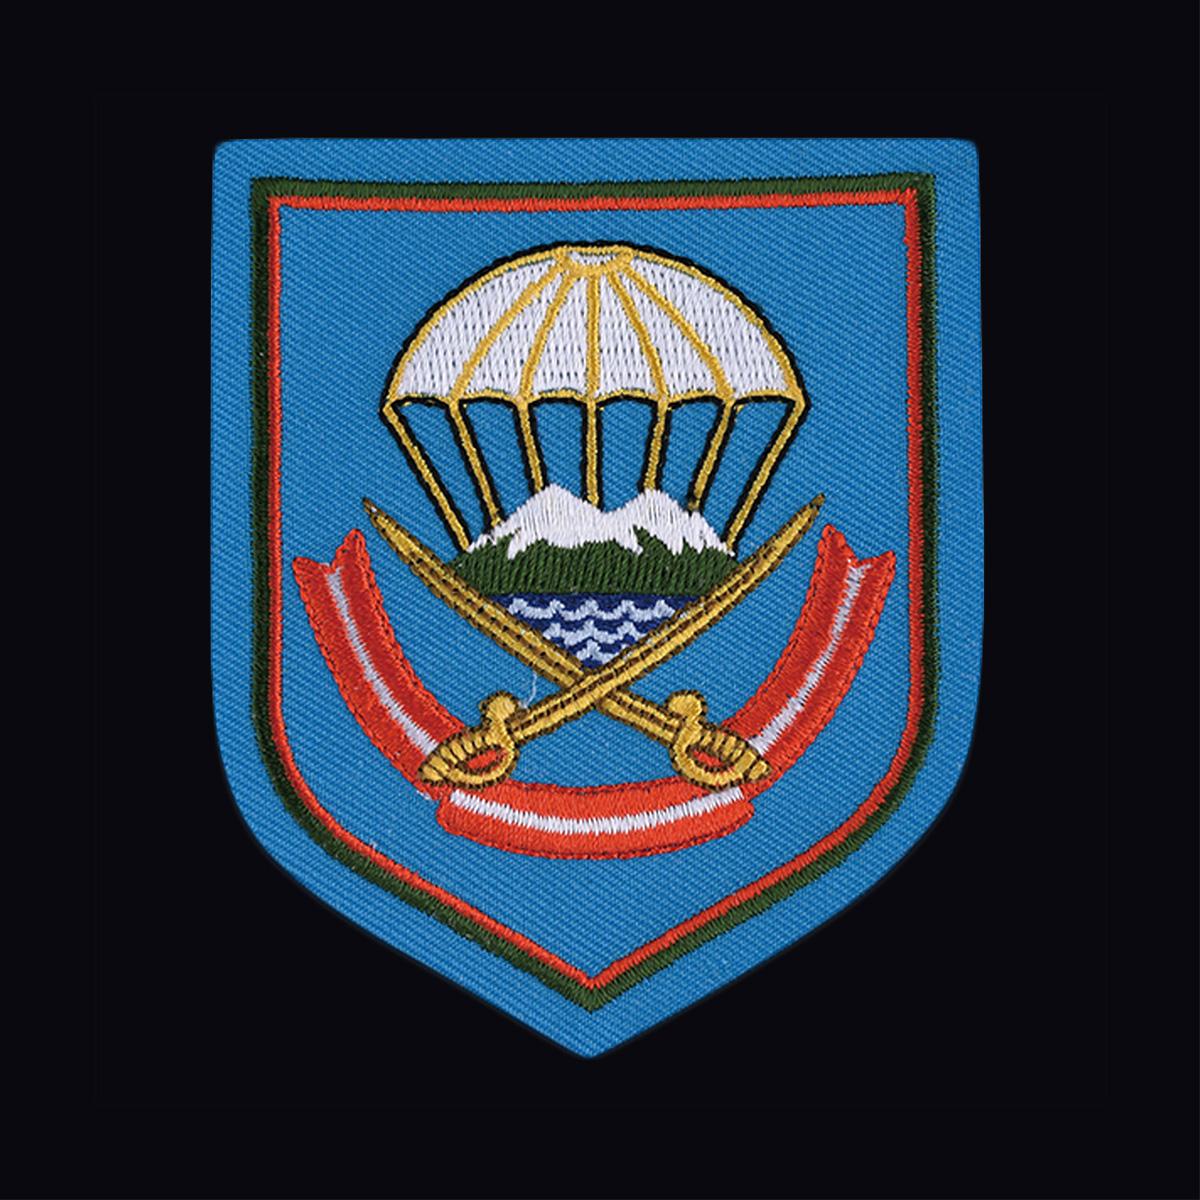 Черная армейская футболка с вышитым знаком ВДВ 108 ДШП - купить онлайн